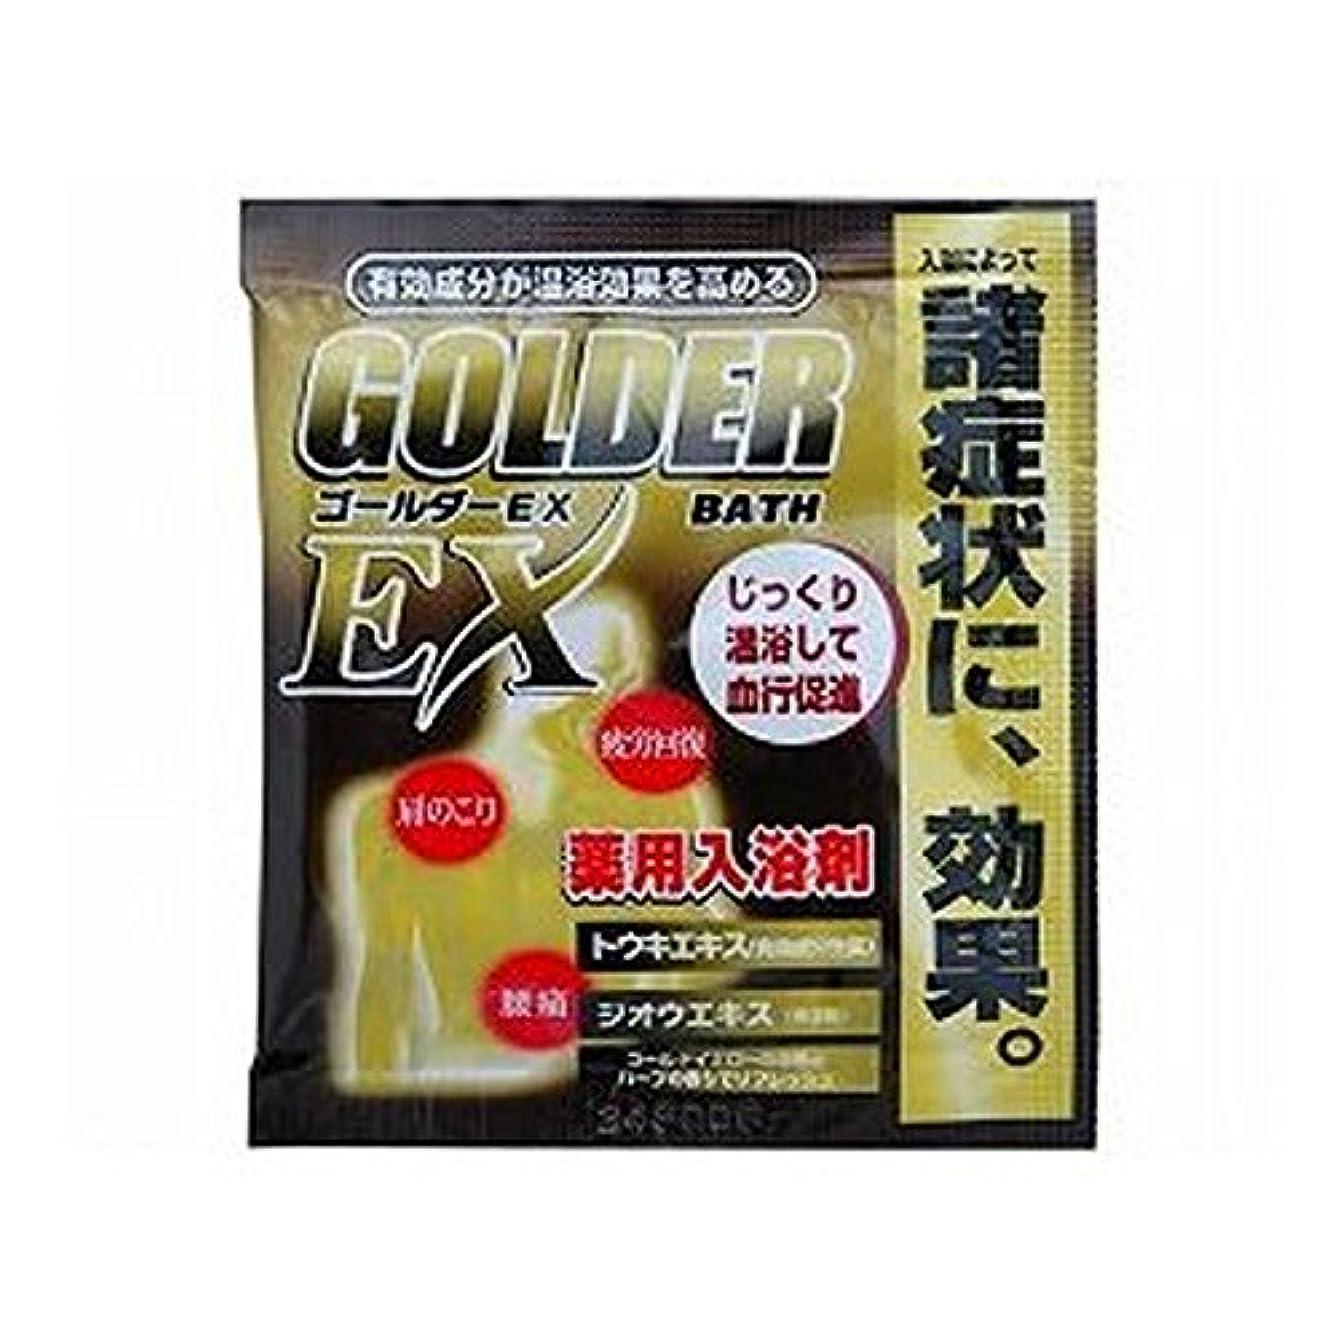 キュービックみ千ゴールダーEX 25g(入浴剤)